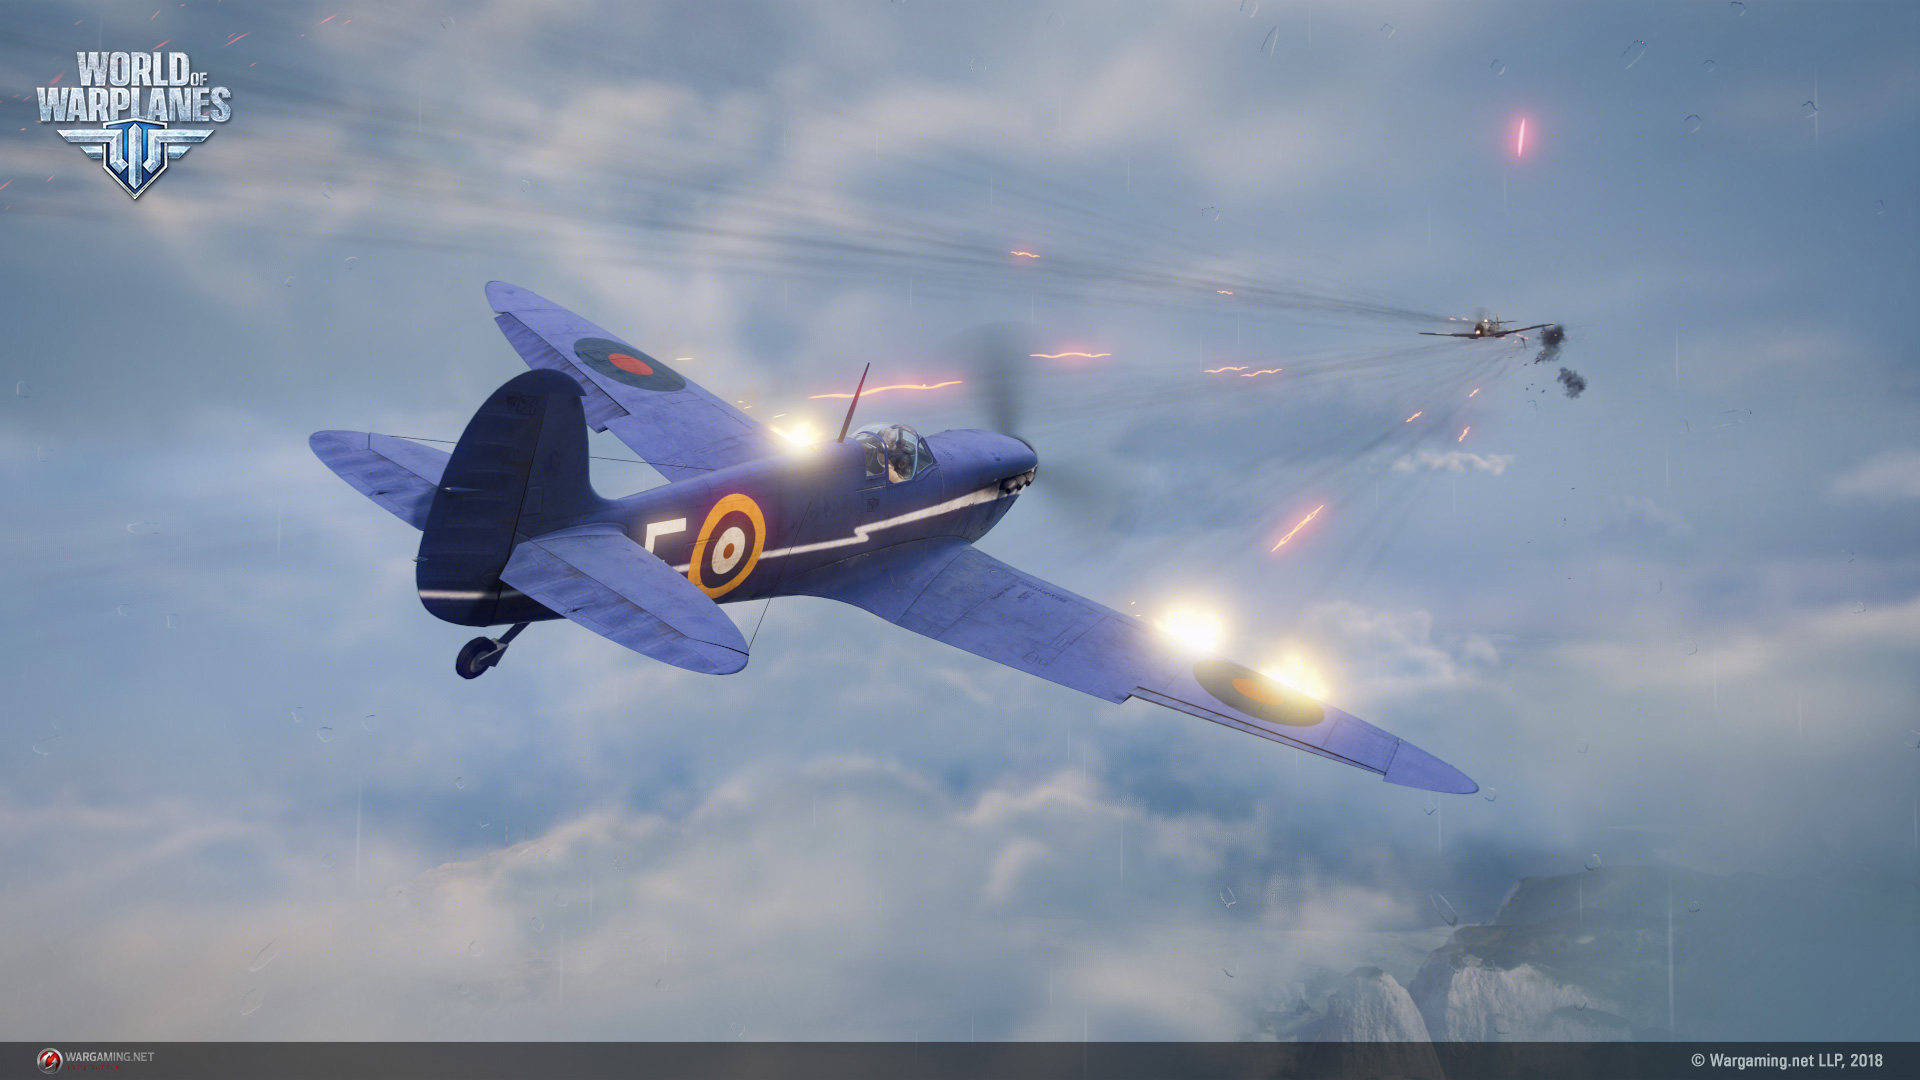 http://www.idgtv.es/archivos/201806/world-of-warplanes-img2.jpg